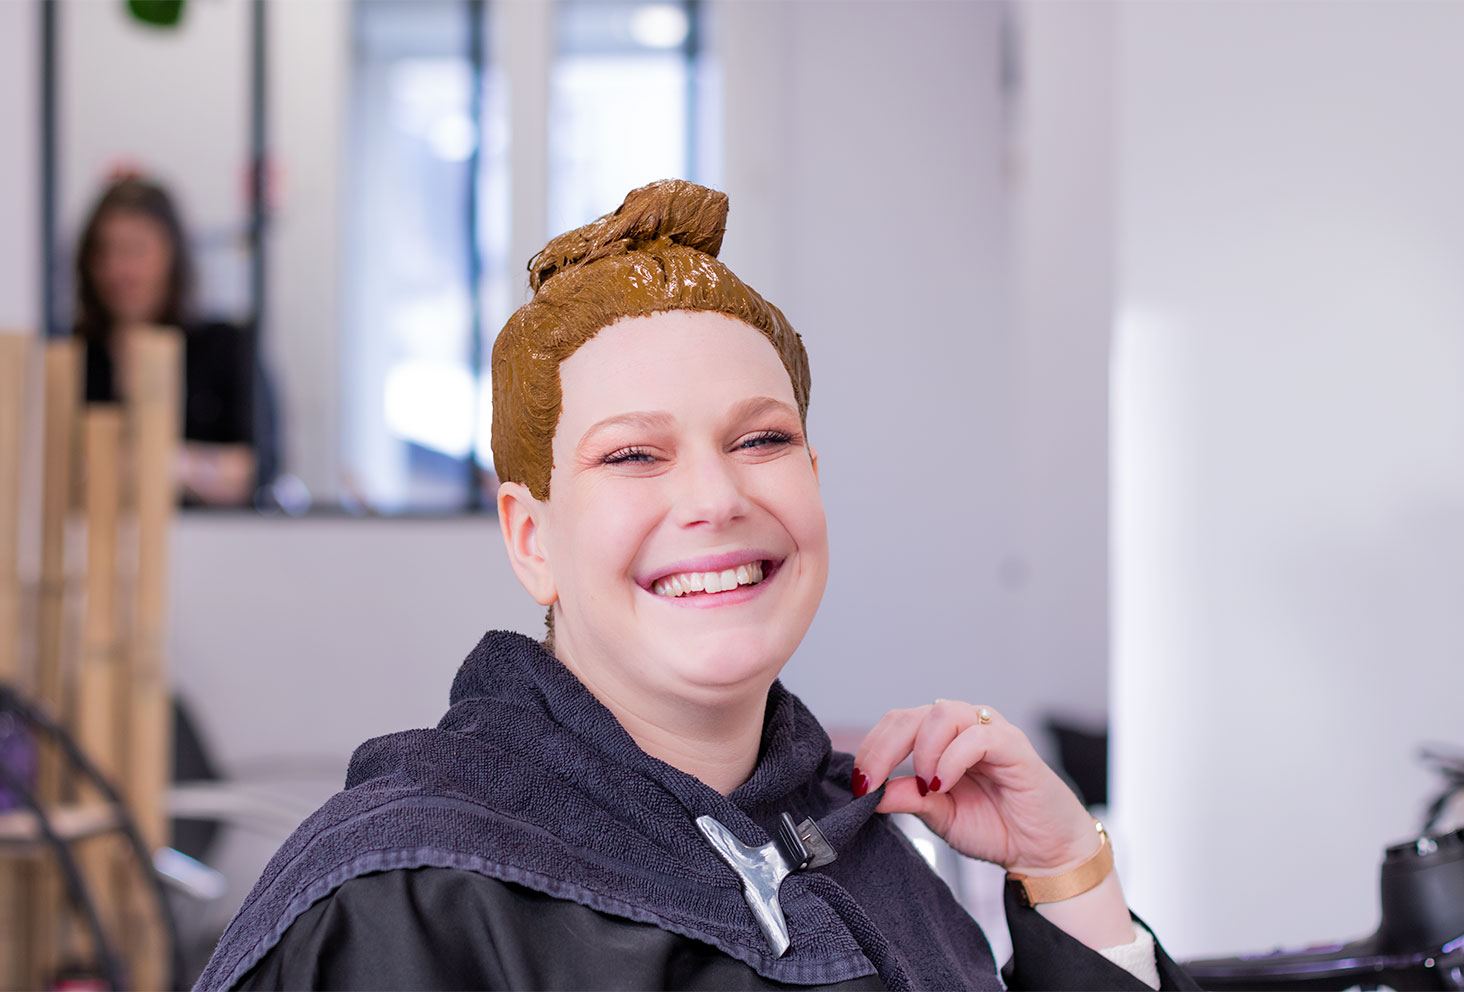 La coloration végétale au henné naturel qui pose sur la totalité des cheveux, avec le sourire dans le salon de coiffure Artiste en Herbes à Tours